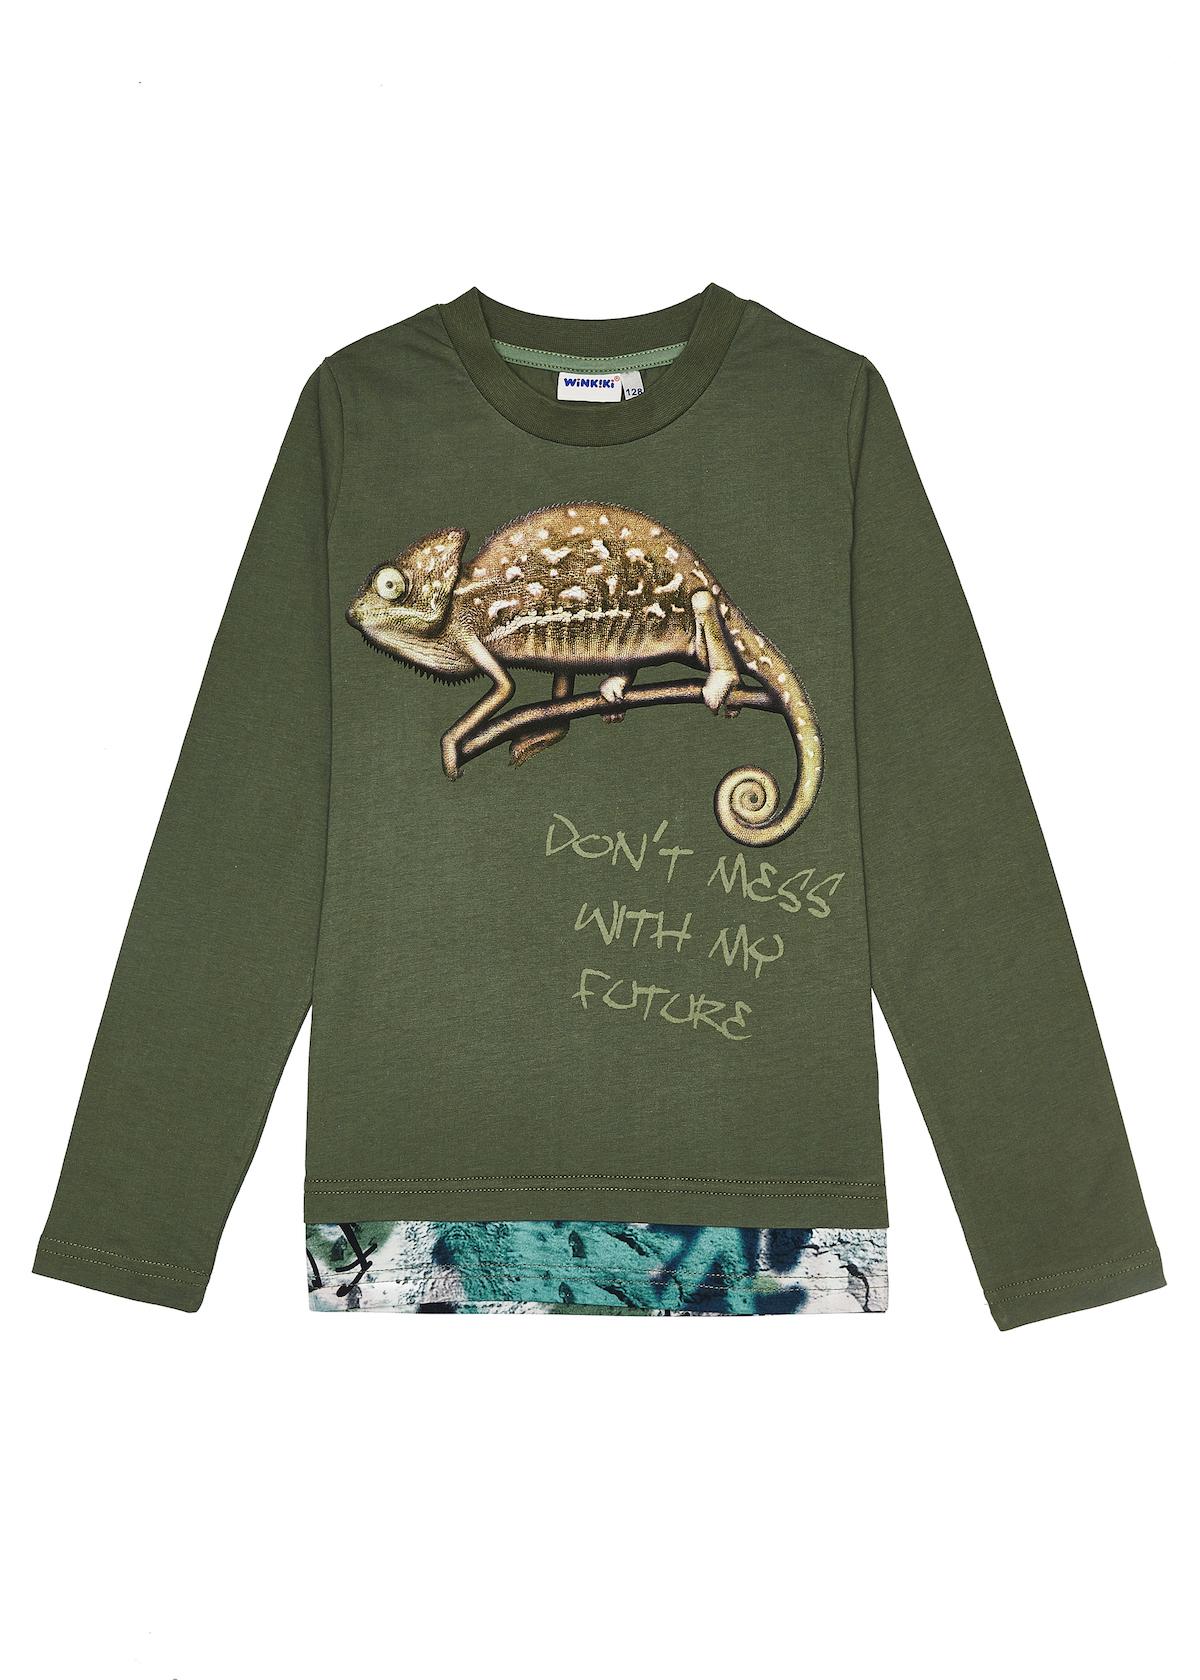 Chlapecké tričko Chameleon - dlouhý rukáv - zelená Khaki, Zelená